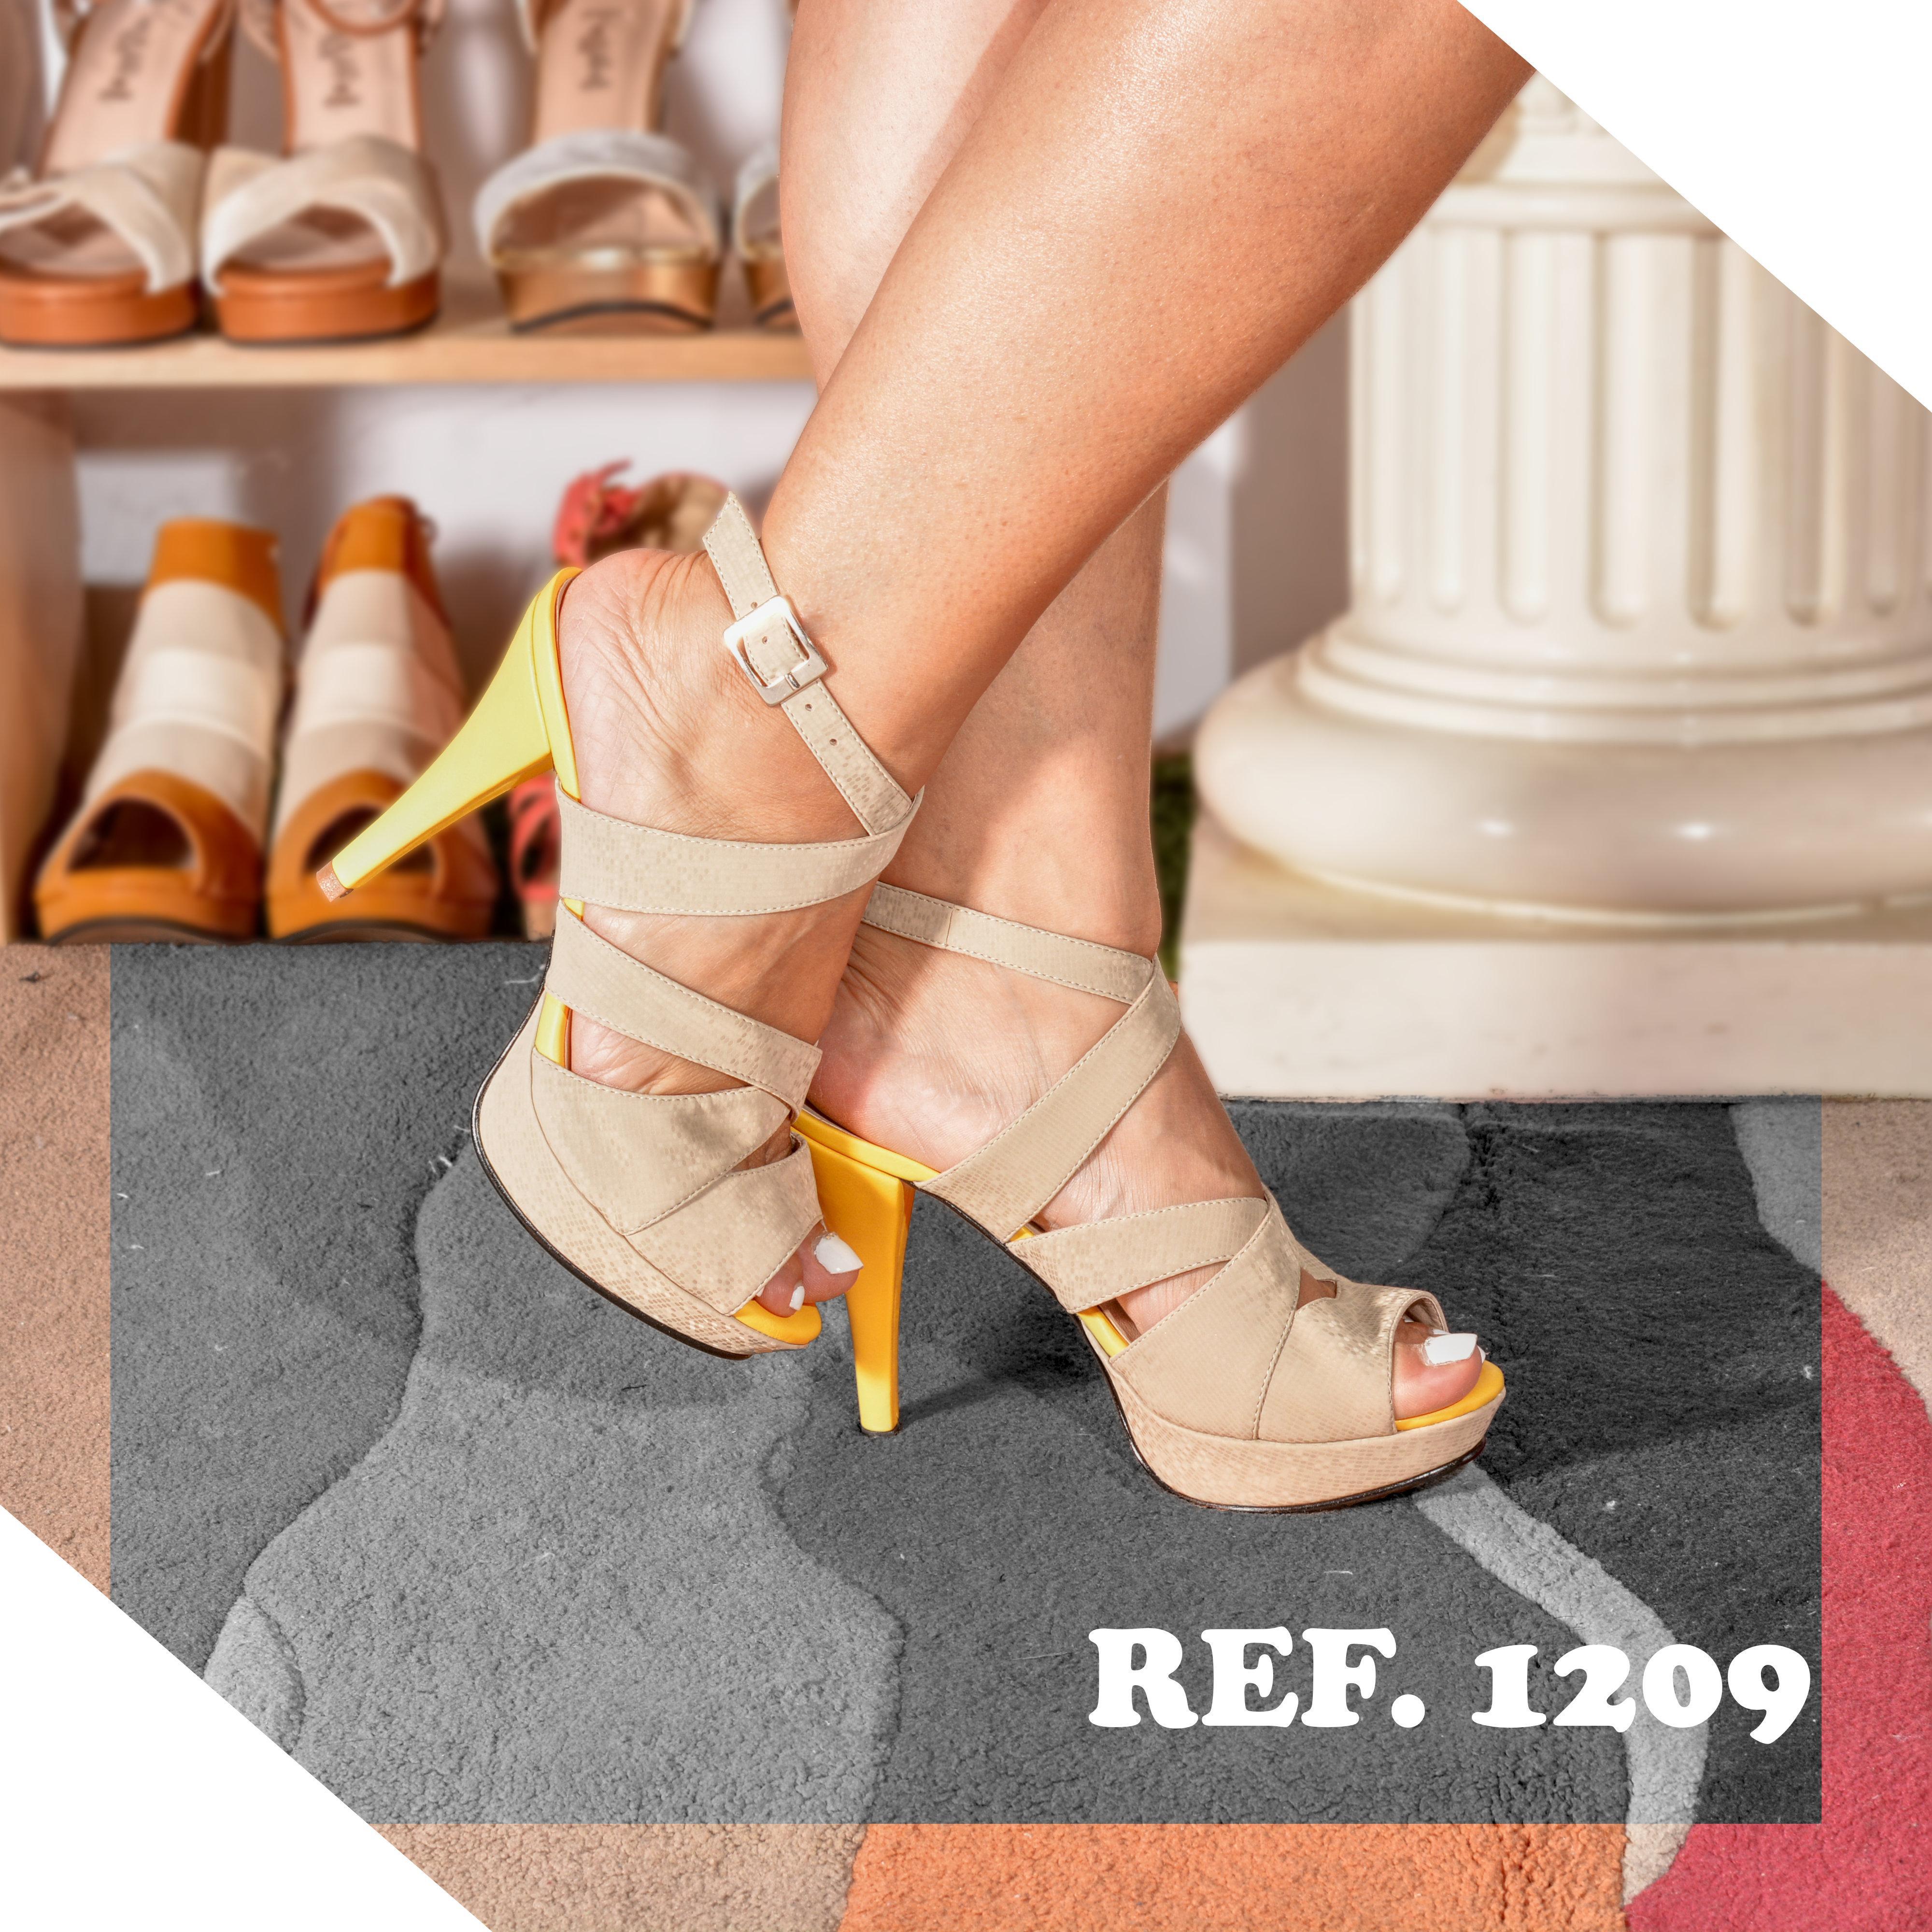 Fantásticos Zapatos Beige, con Tiras, tacón en contraste y pequeña plataforma